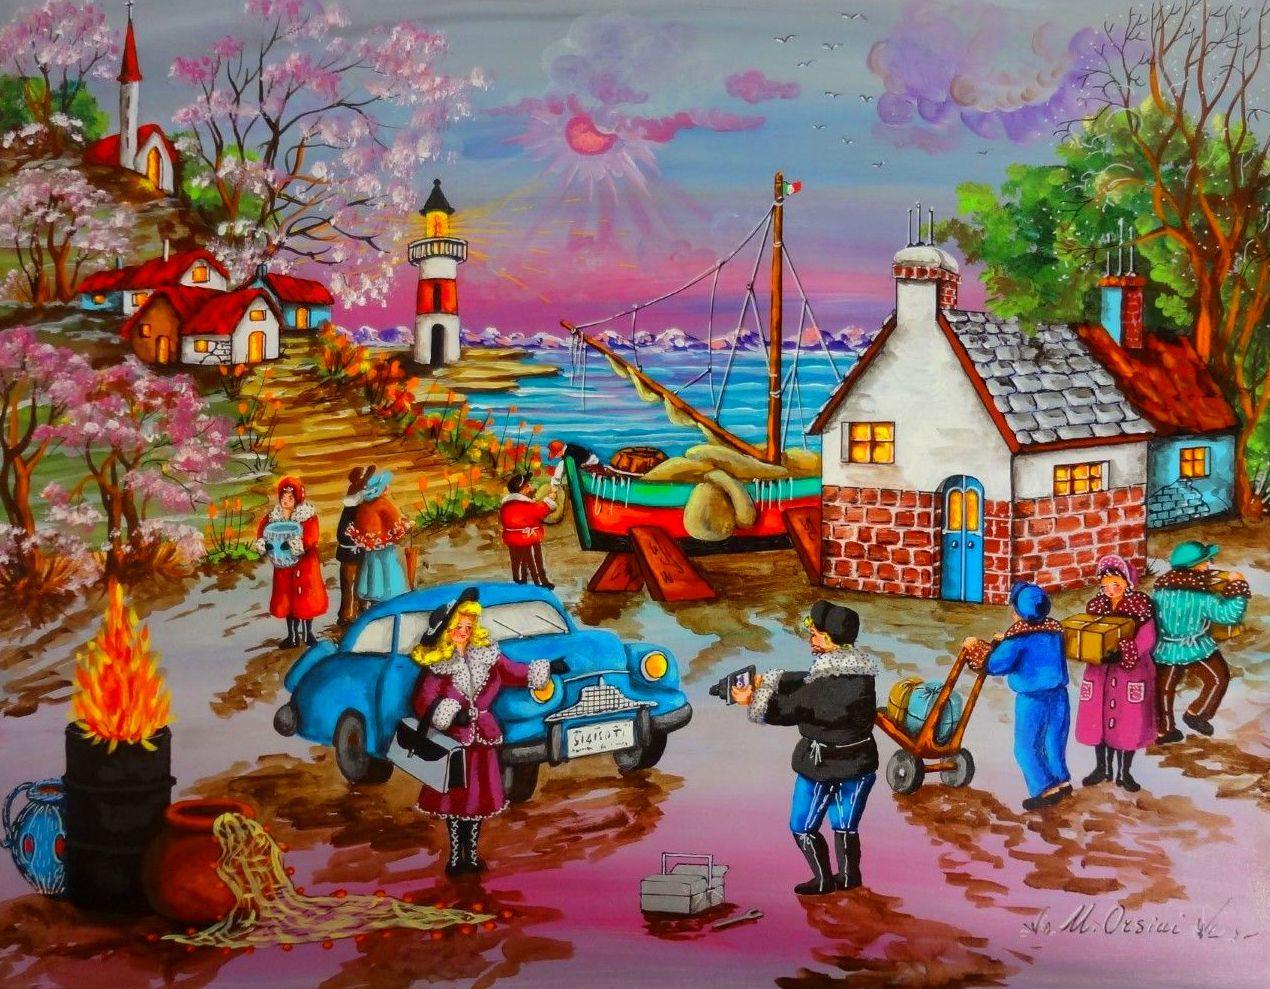 Nace en napoles es hija del arte su padre fue un reputado pastelista que dibujaba - Pintura instinto ...